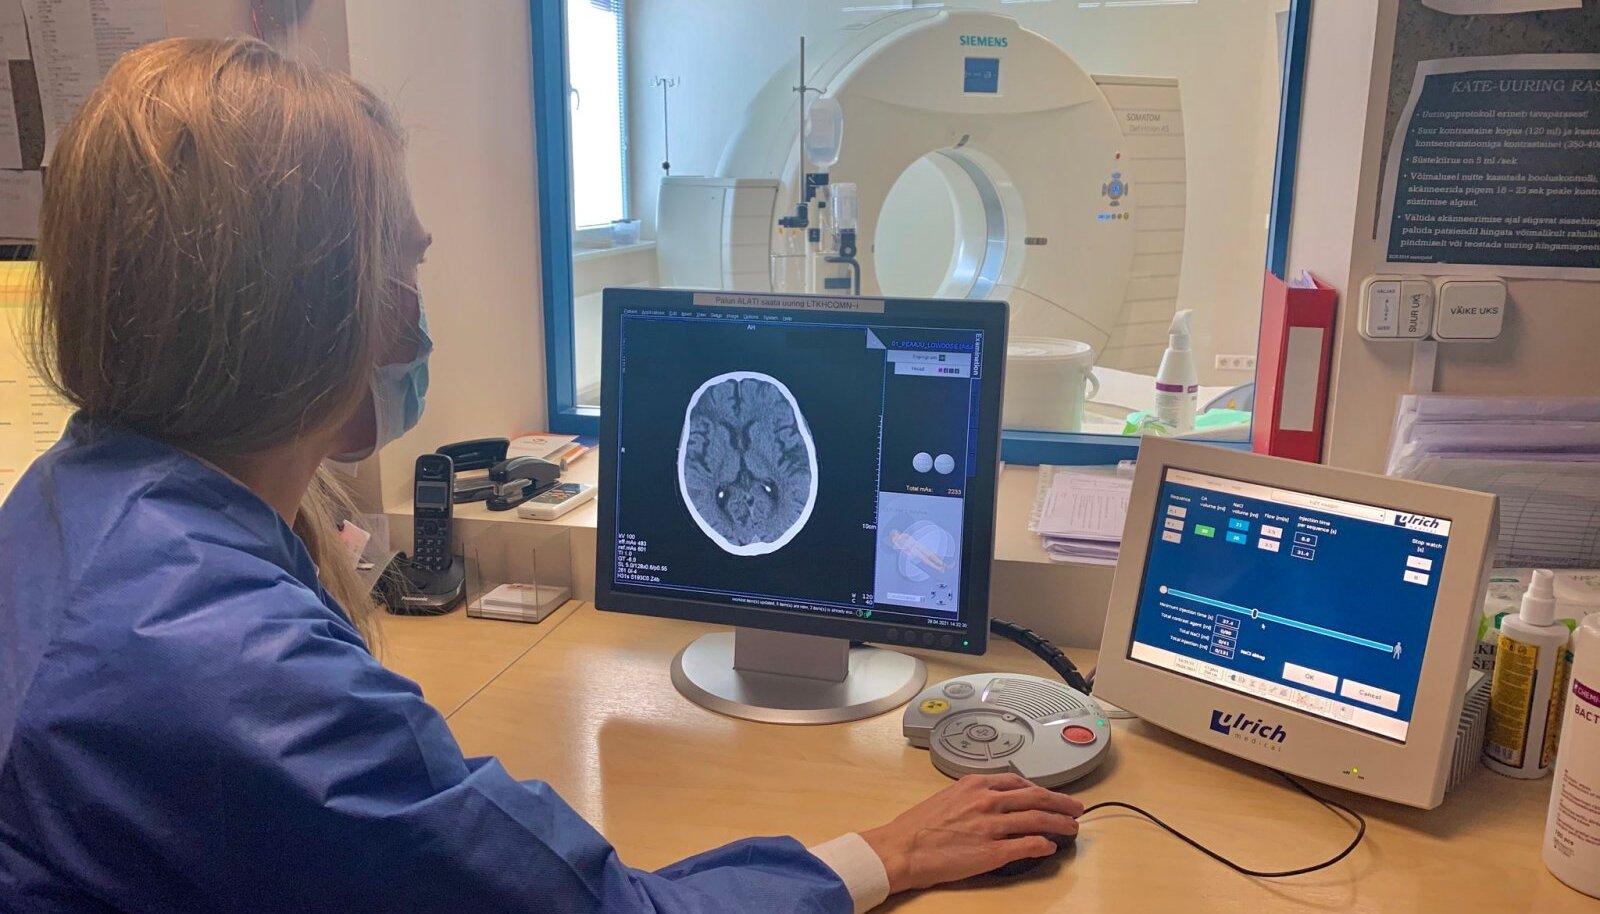 отдел радиологии Ляэне-Таллиннской центральной больницы.